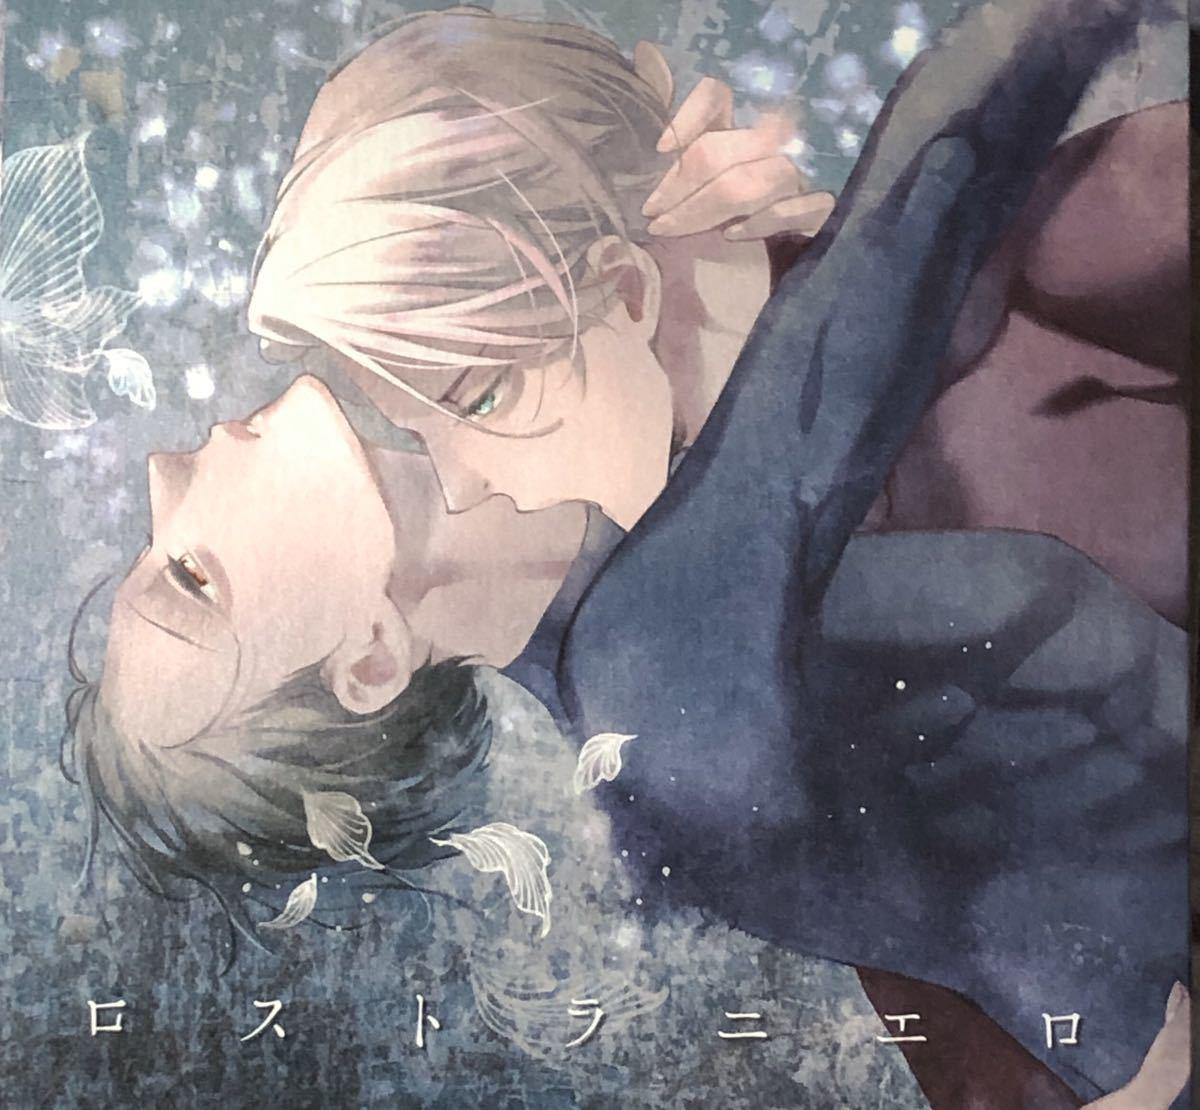 ユーリ!!! on ICE◆雨宮さとる様◆「ロストラニエロ」◆アスピリンスノー◆ヴィク勇